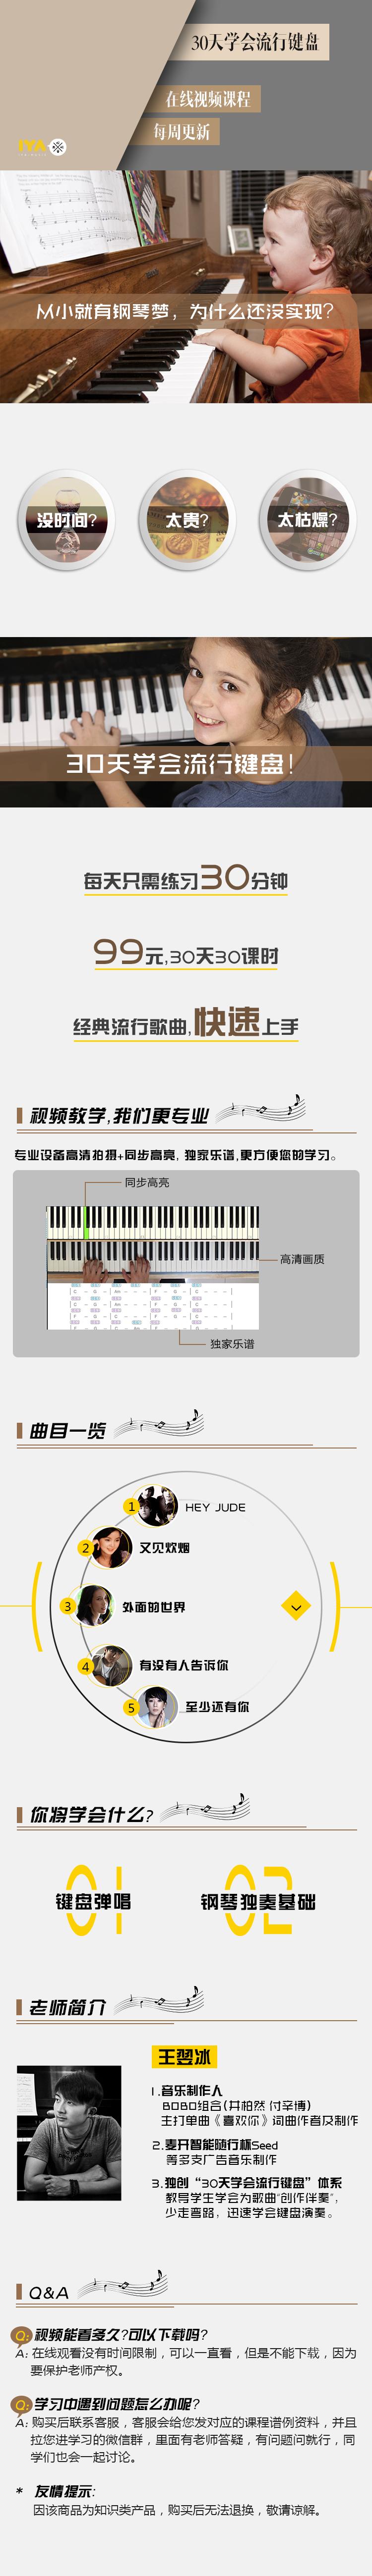 小冰老师:30天学会流行键盘/钢琴